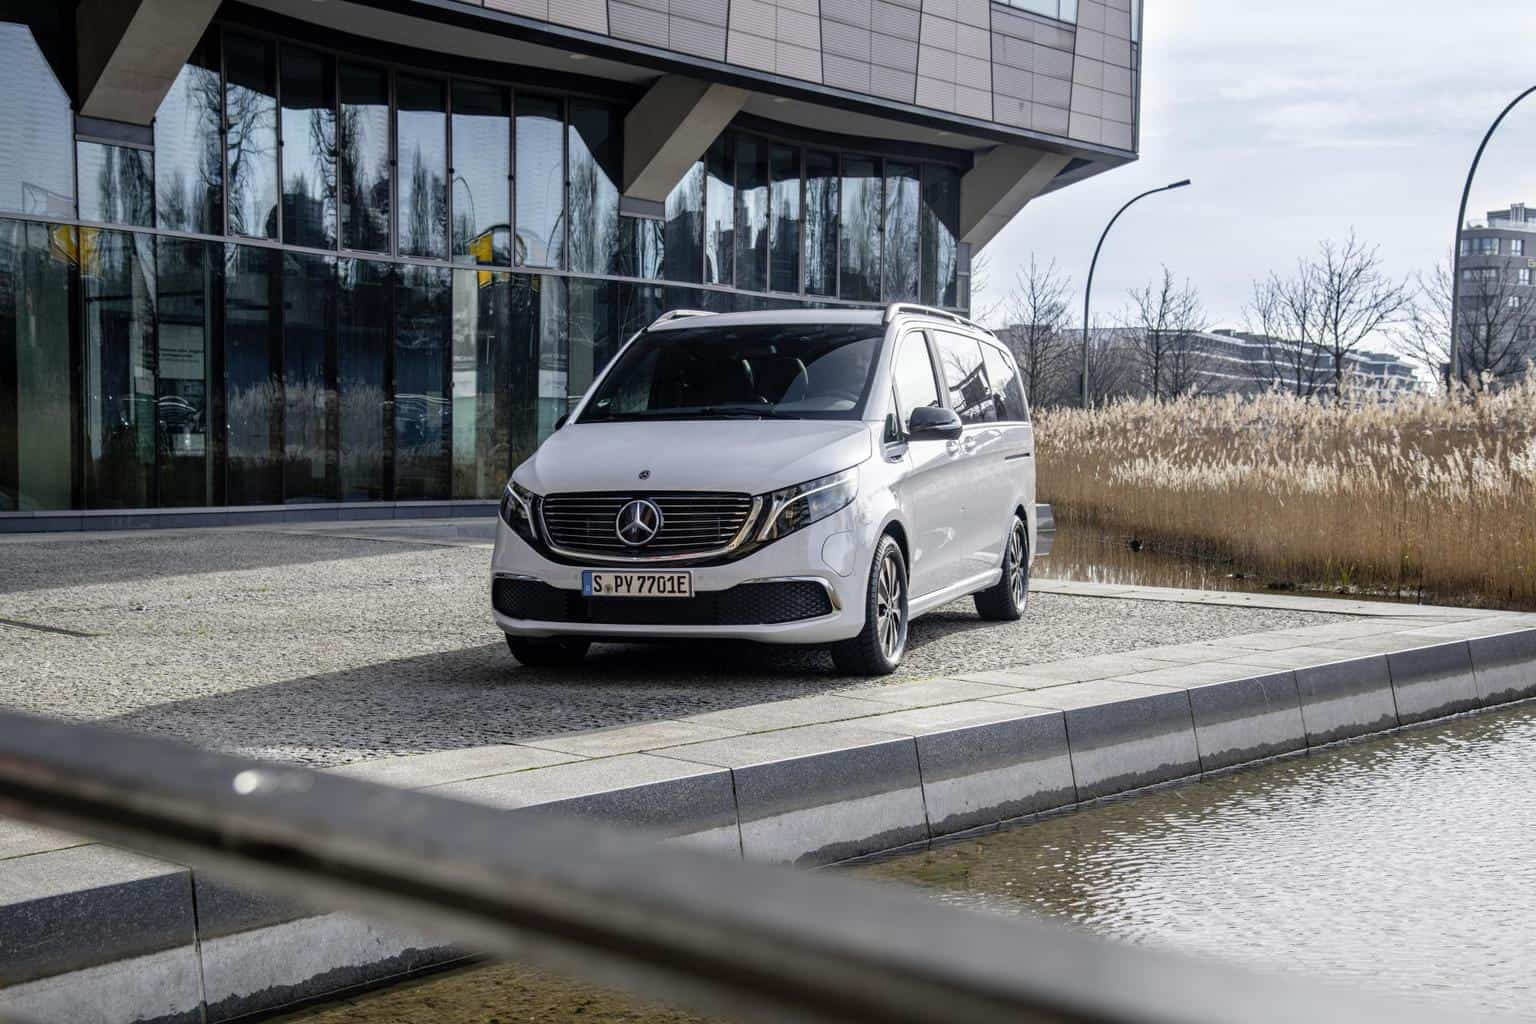 EQV startet ab 71.388,10 Euro mit bis zu 418 km Reichweite